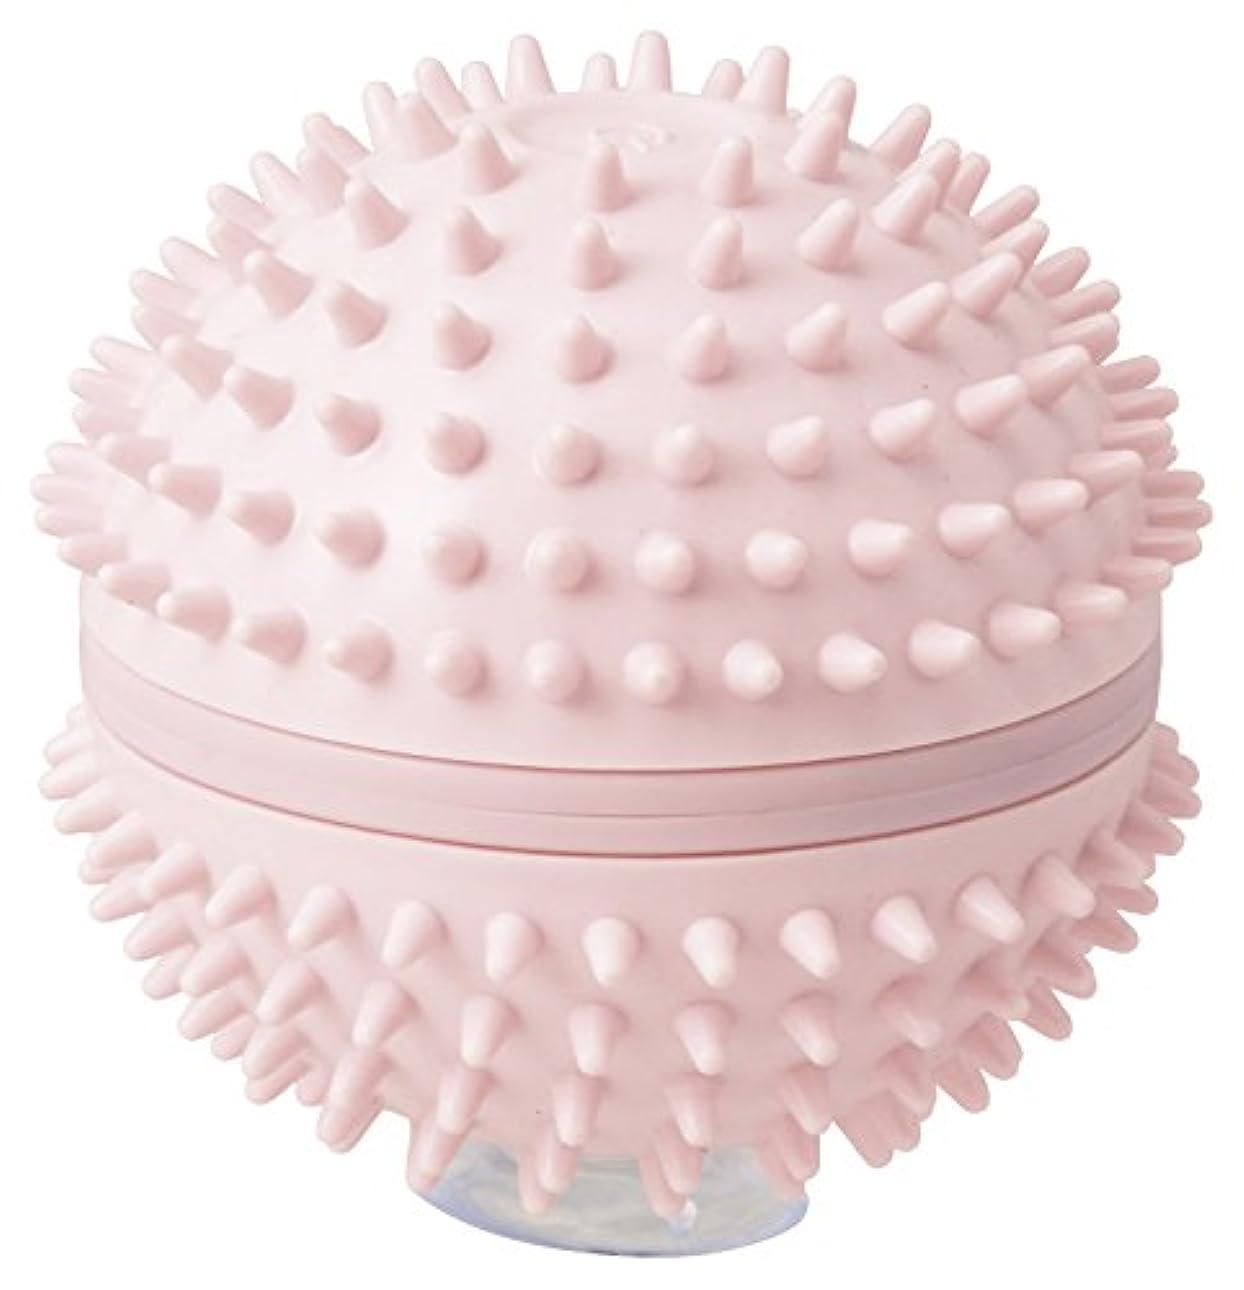 基礎プラスチック料理をするラドンナ CUTENSIL 振動リラクゼーション リラクボール CU17-RB ピンク